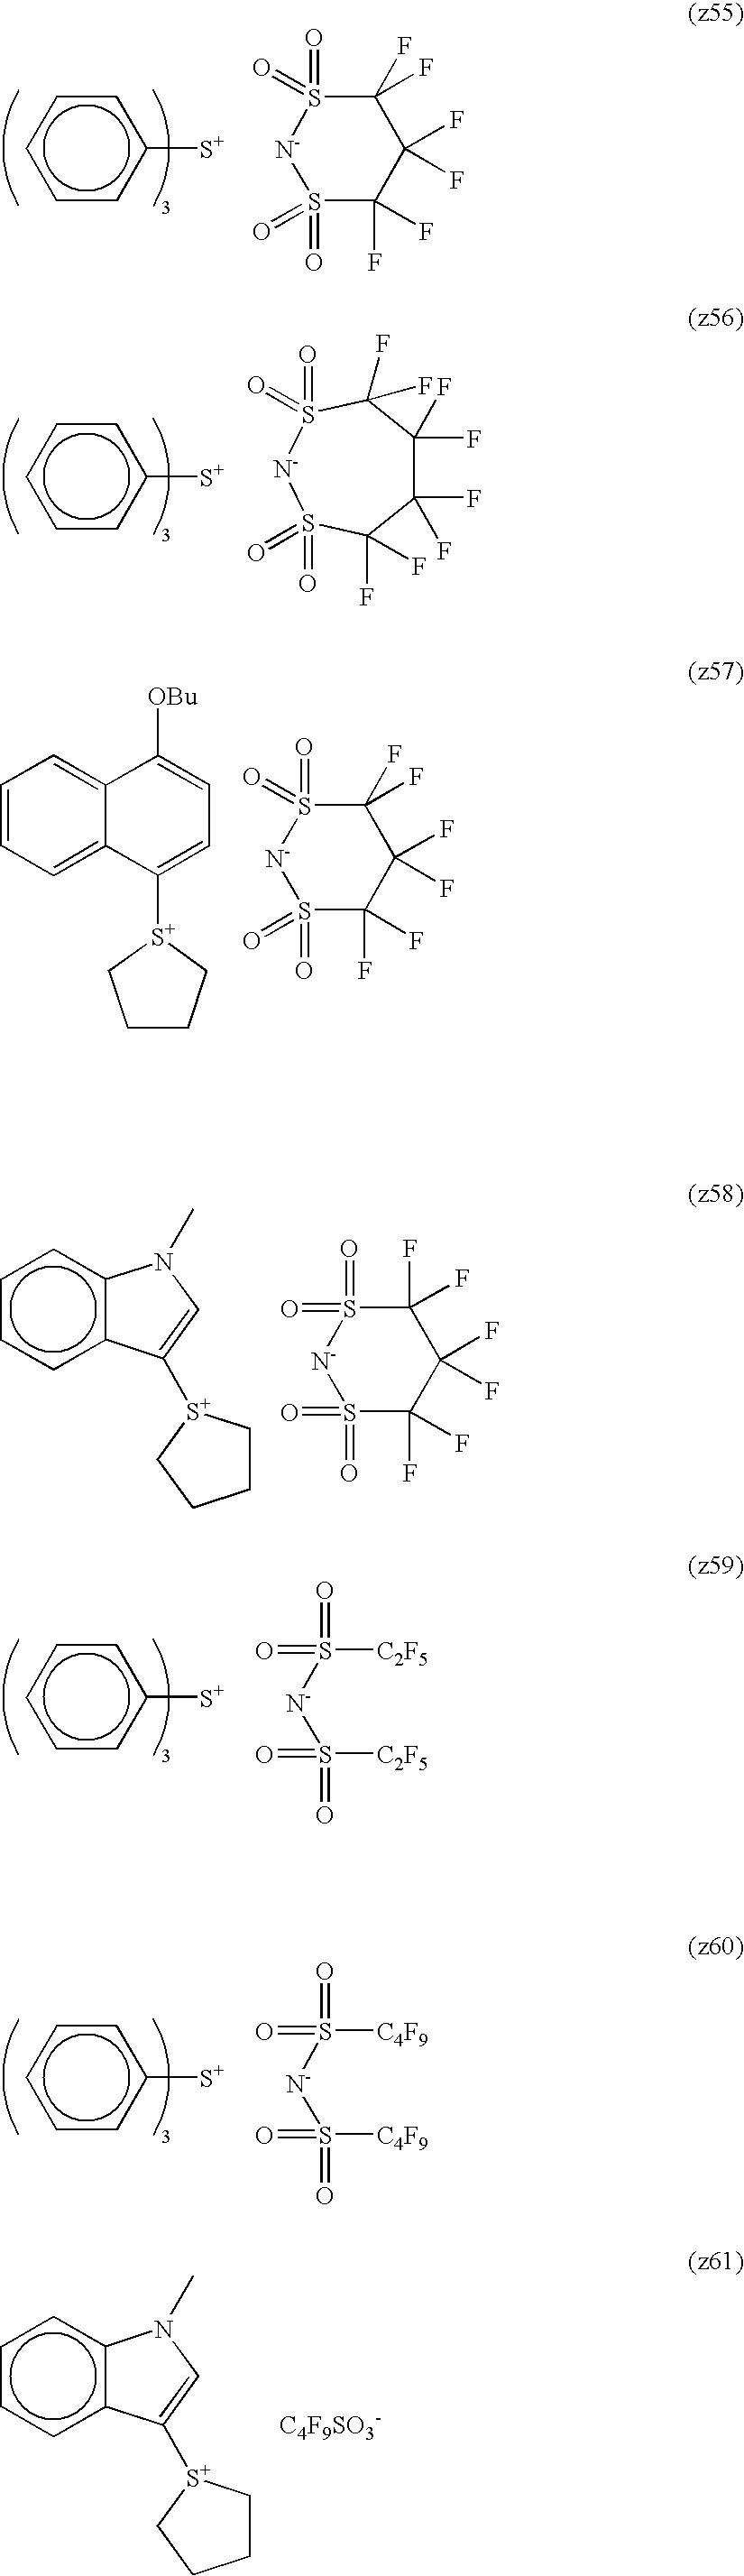 Figure US07985534-20110726-C00059